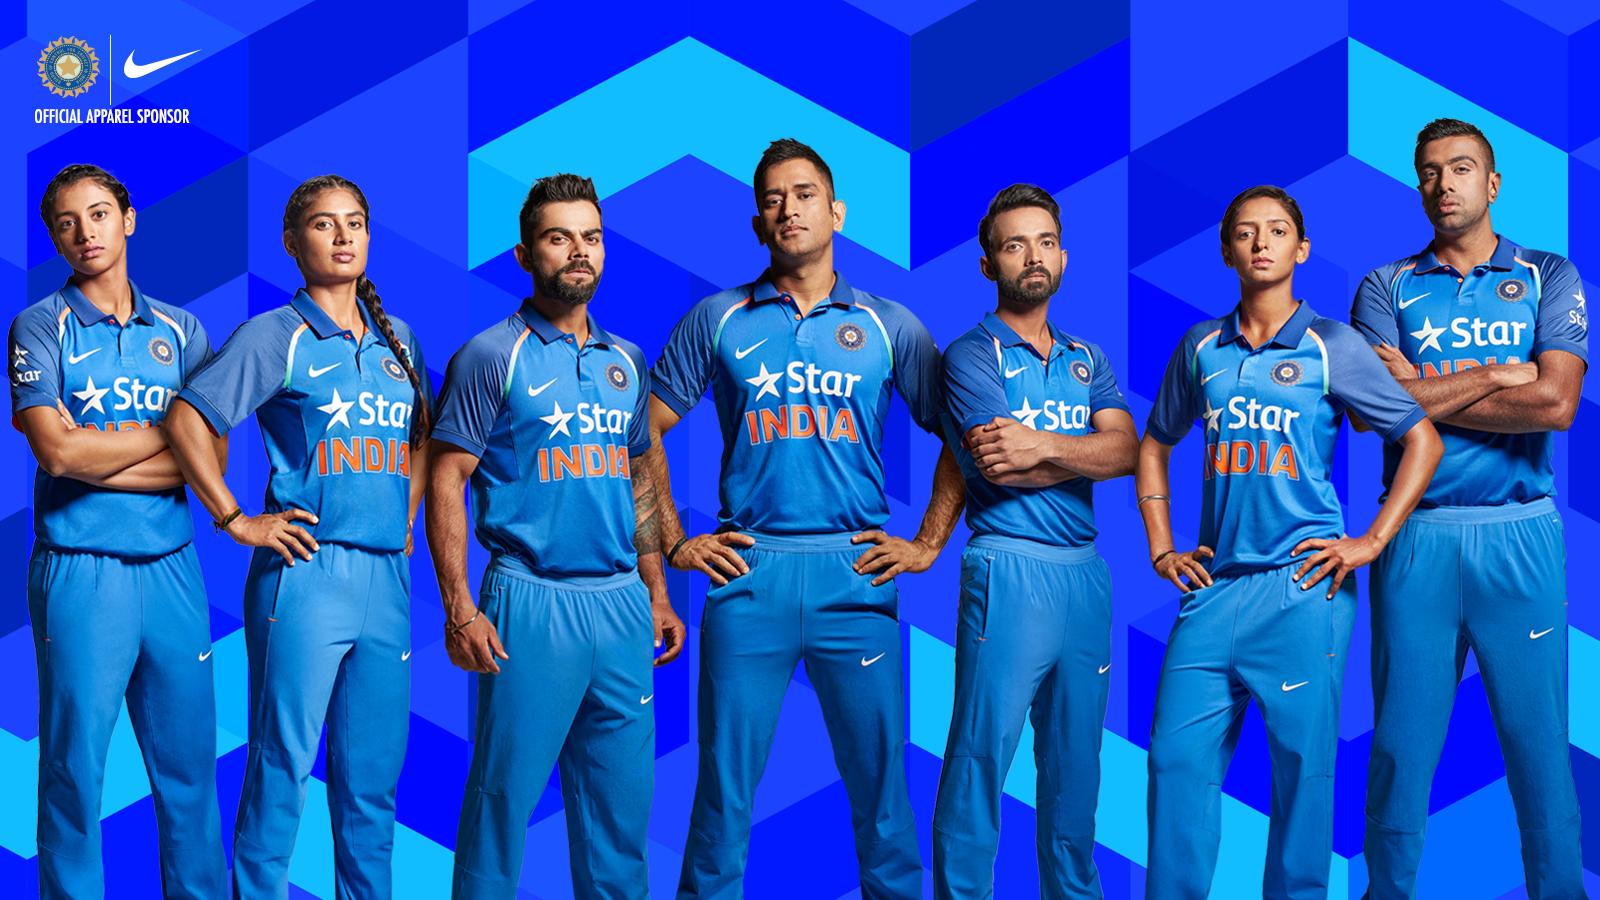 Indian cricket club logo